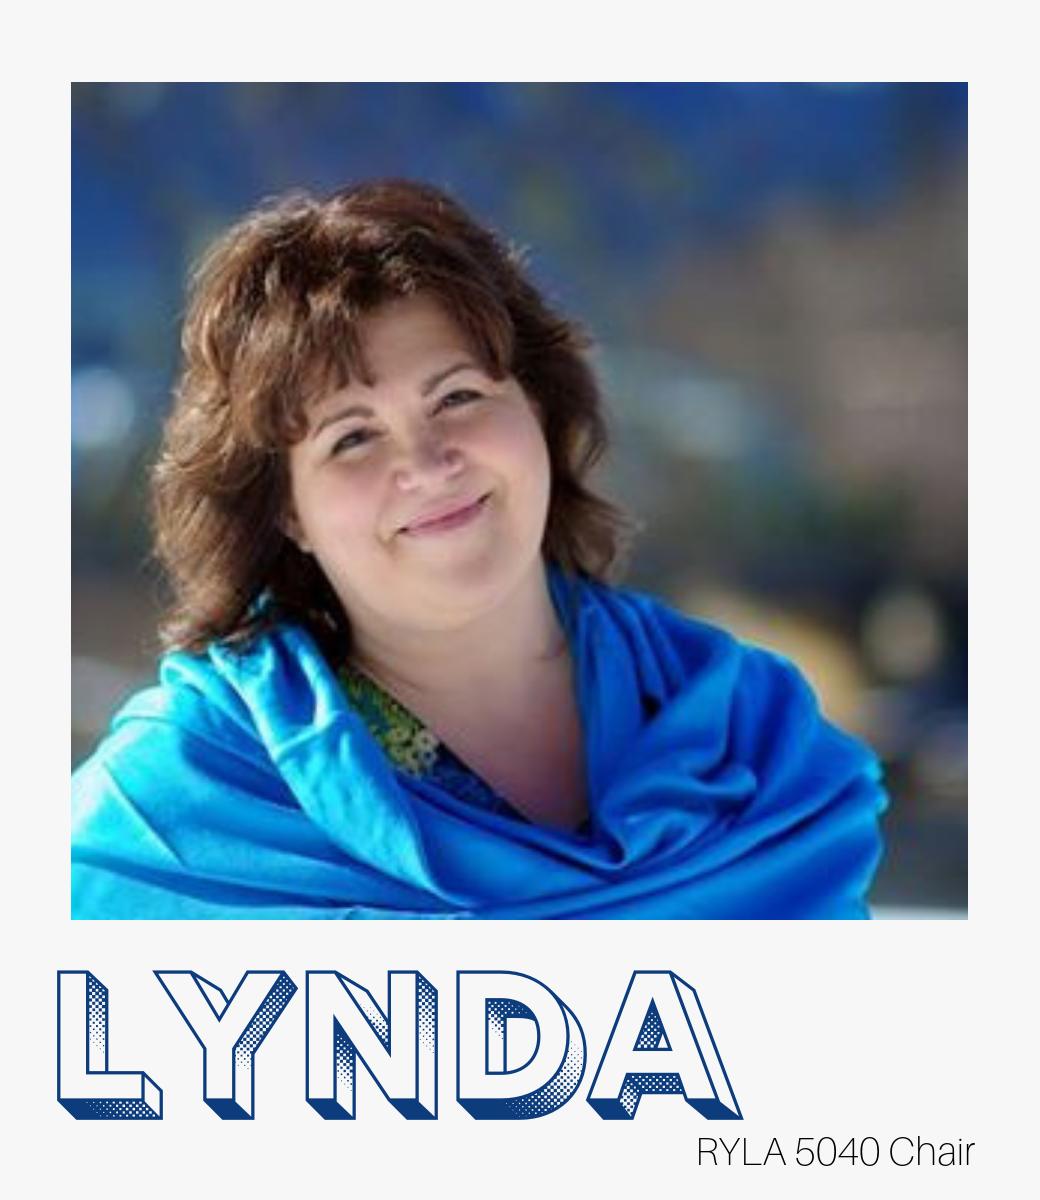 Lynda - RYLA 5040 Chair